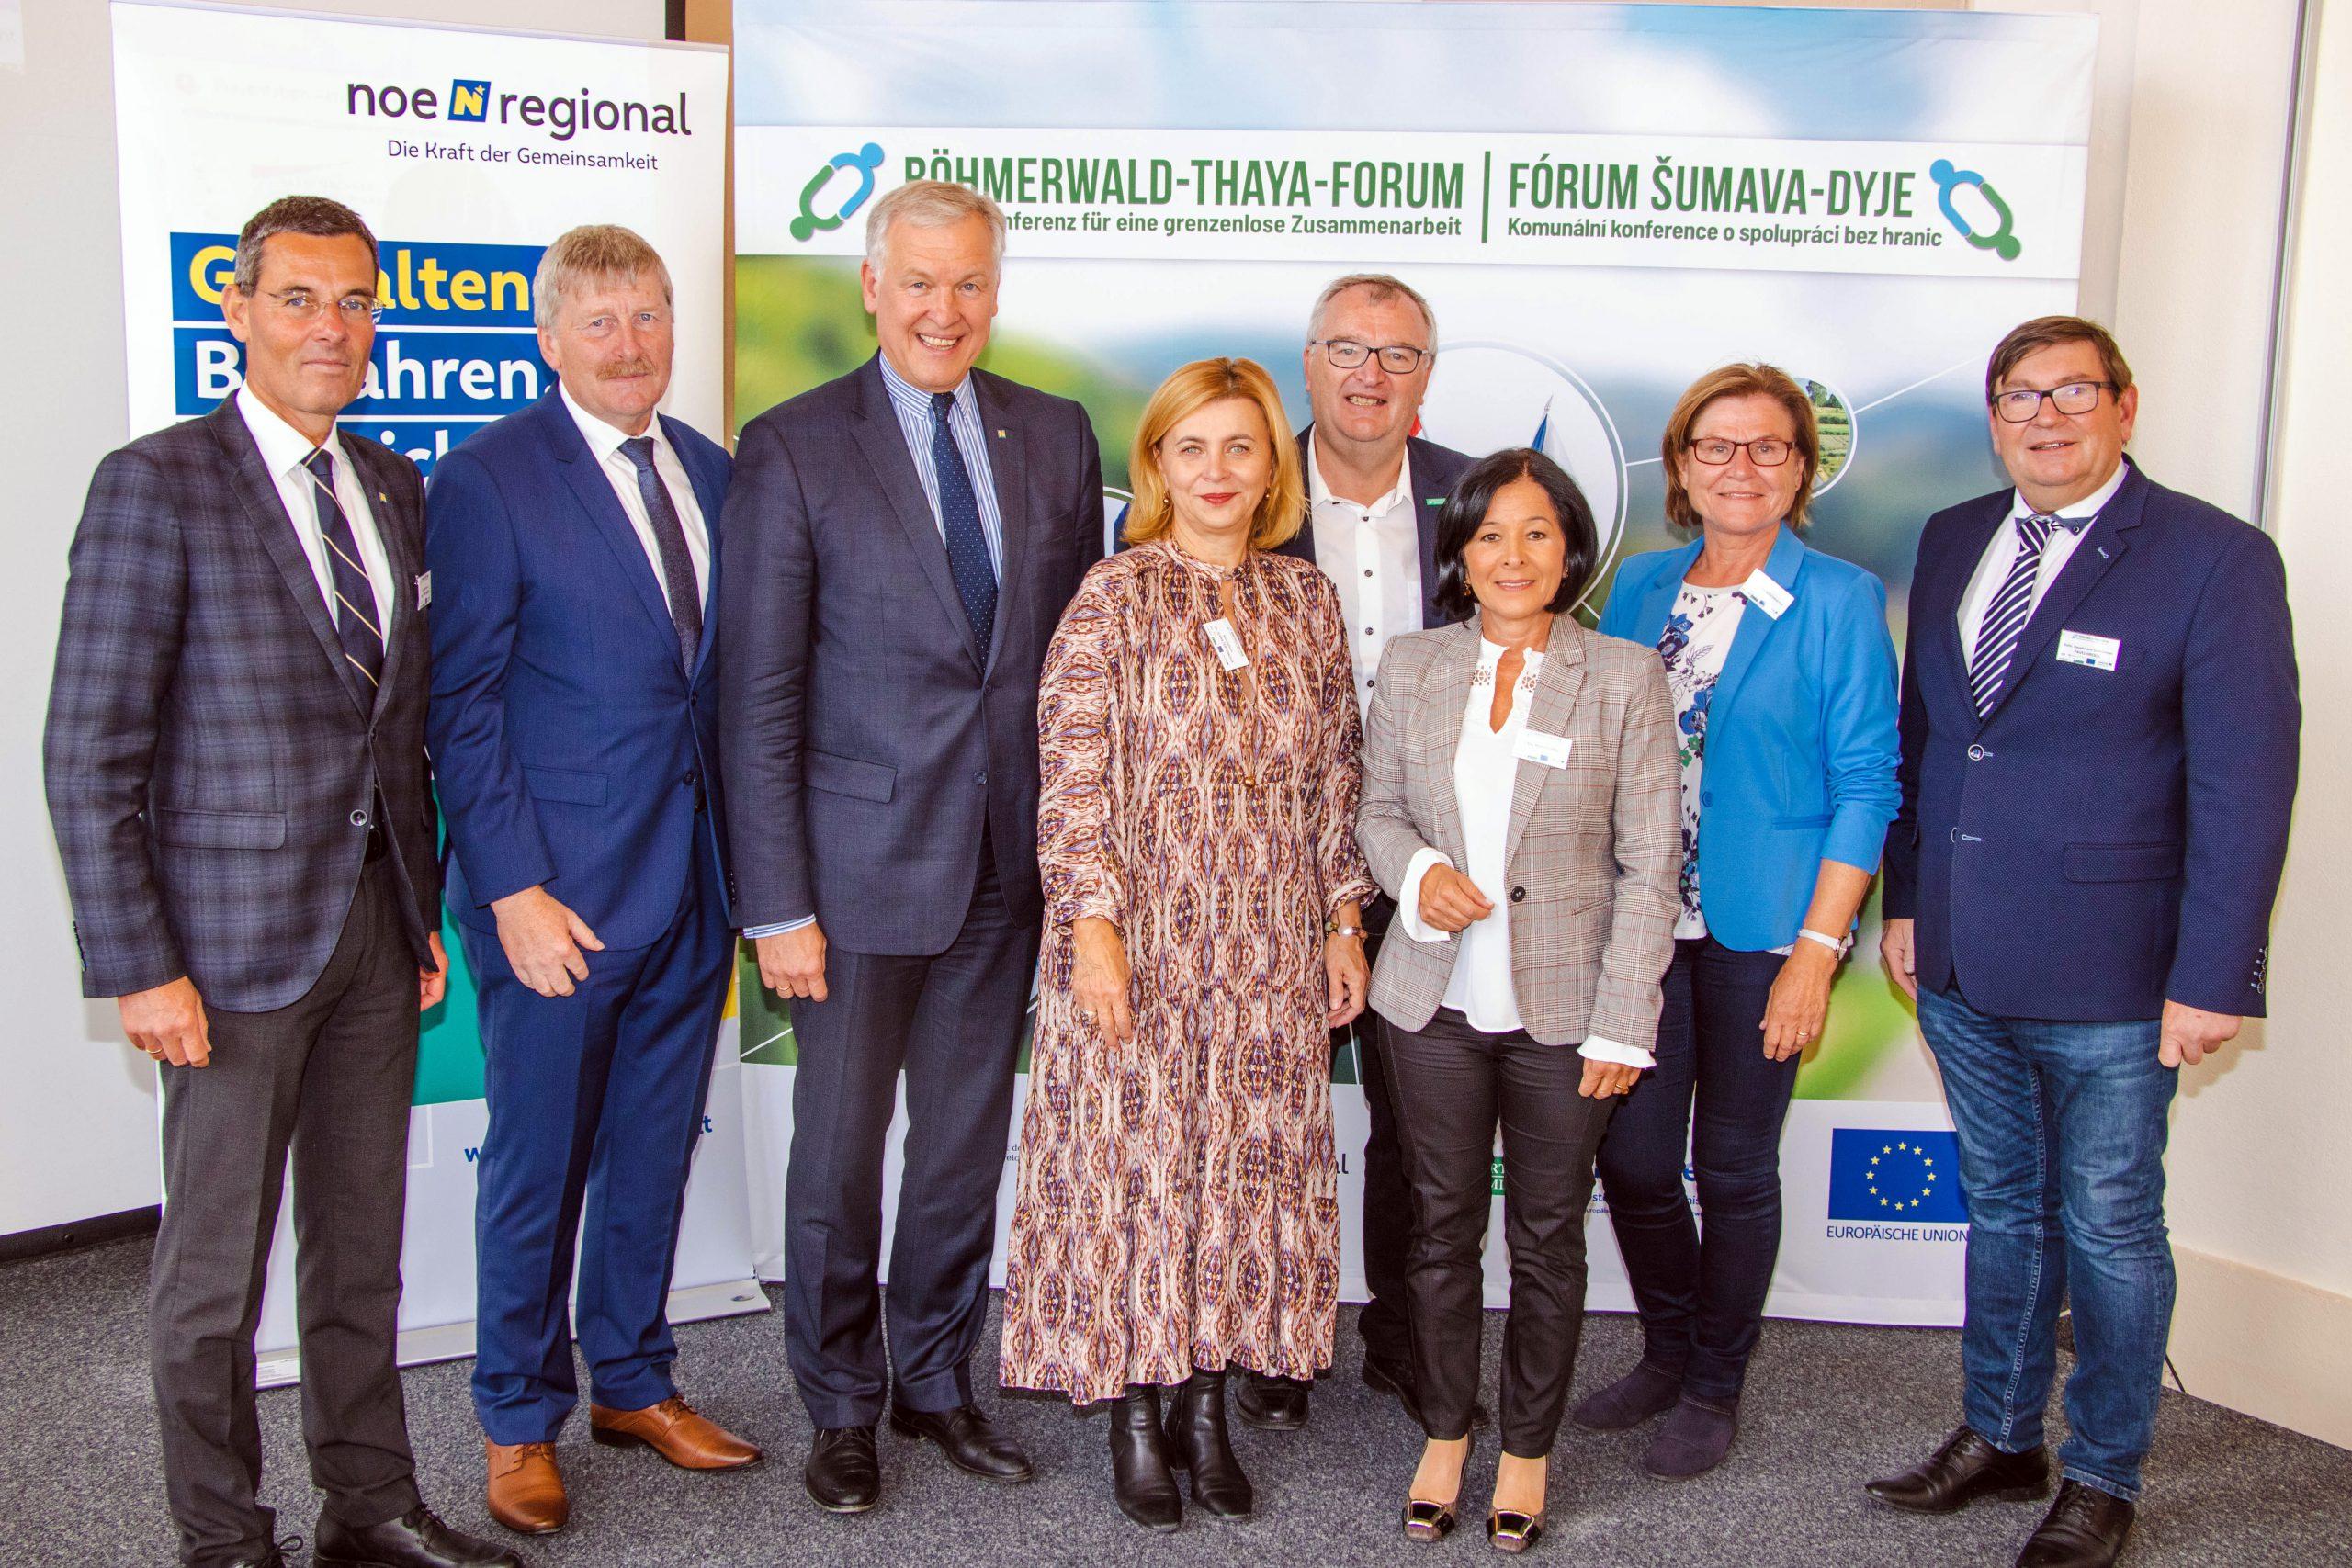 Erfolgreiches Böhmerwald-Thaya-Forum 1